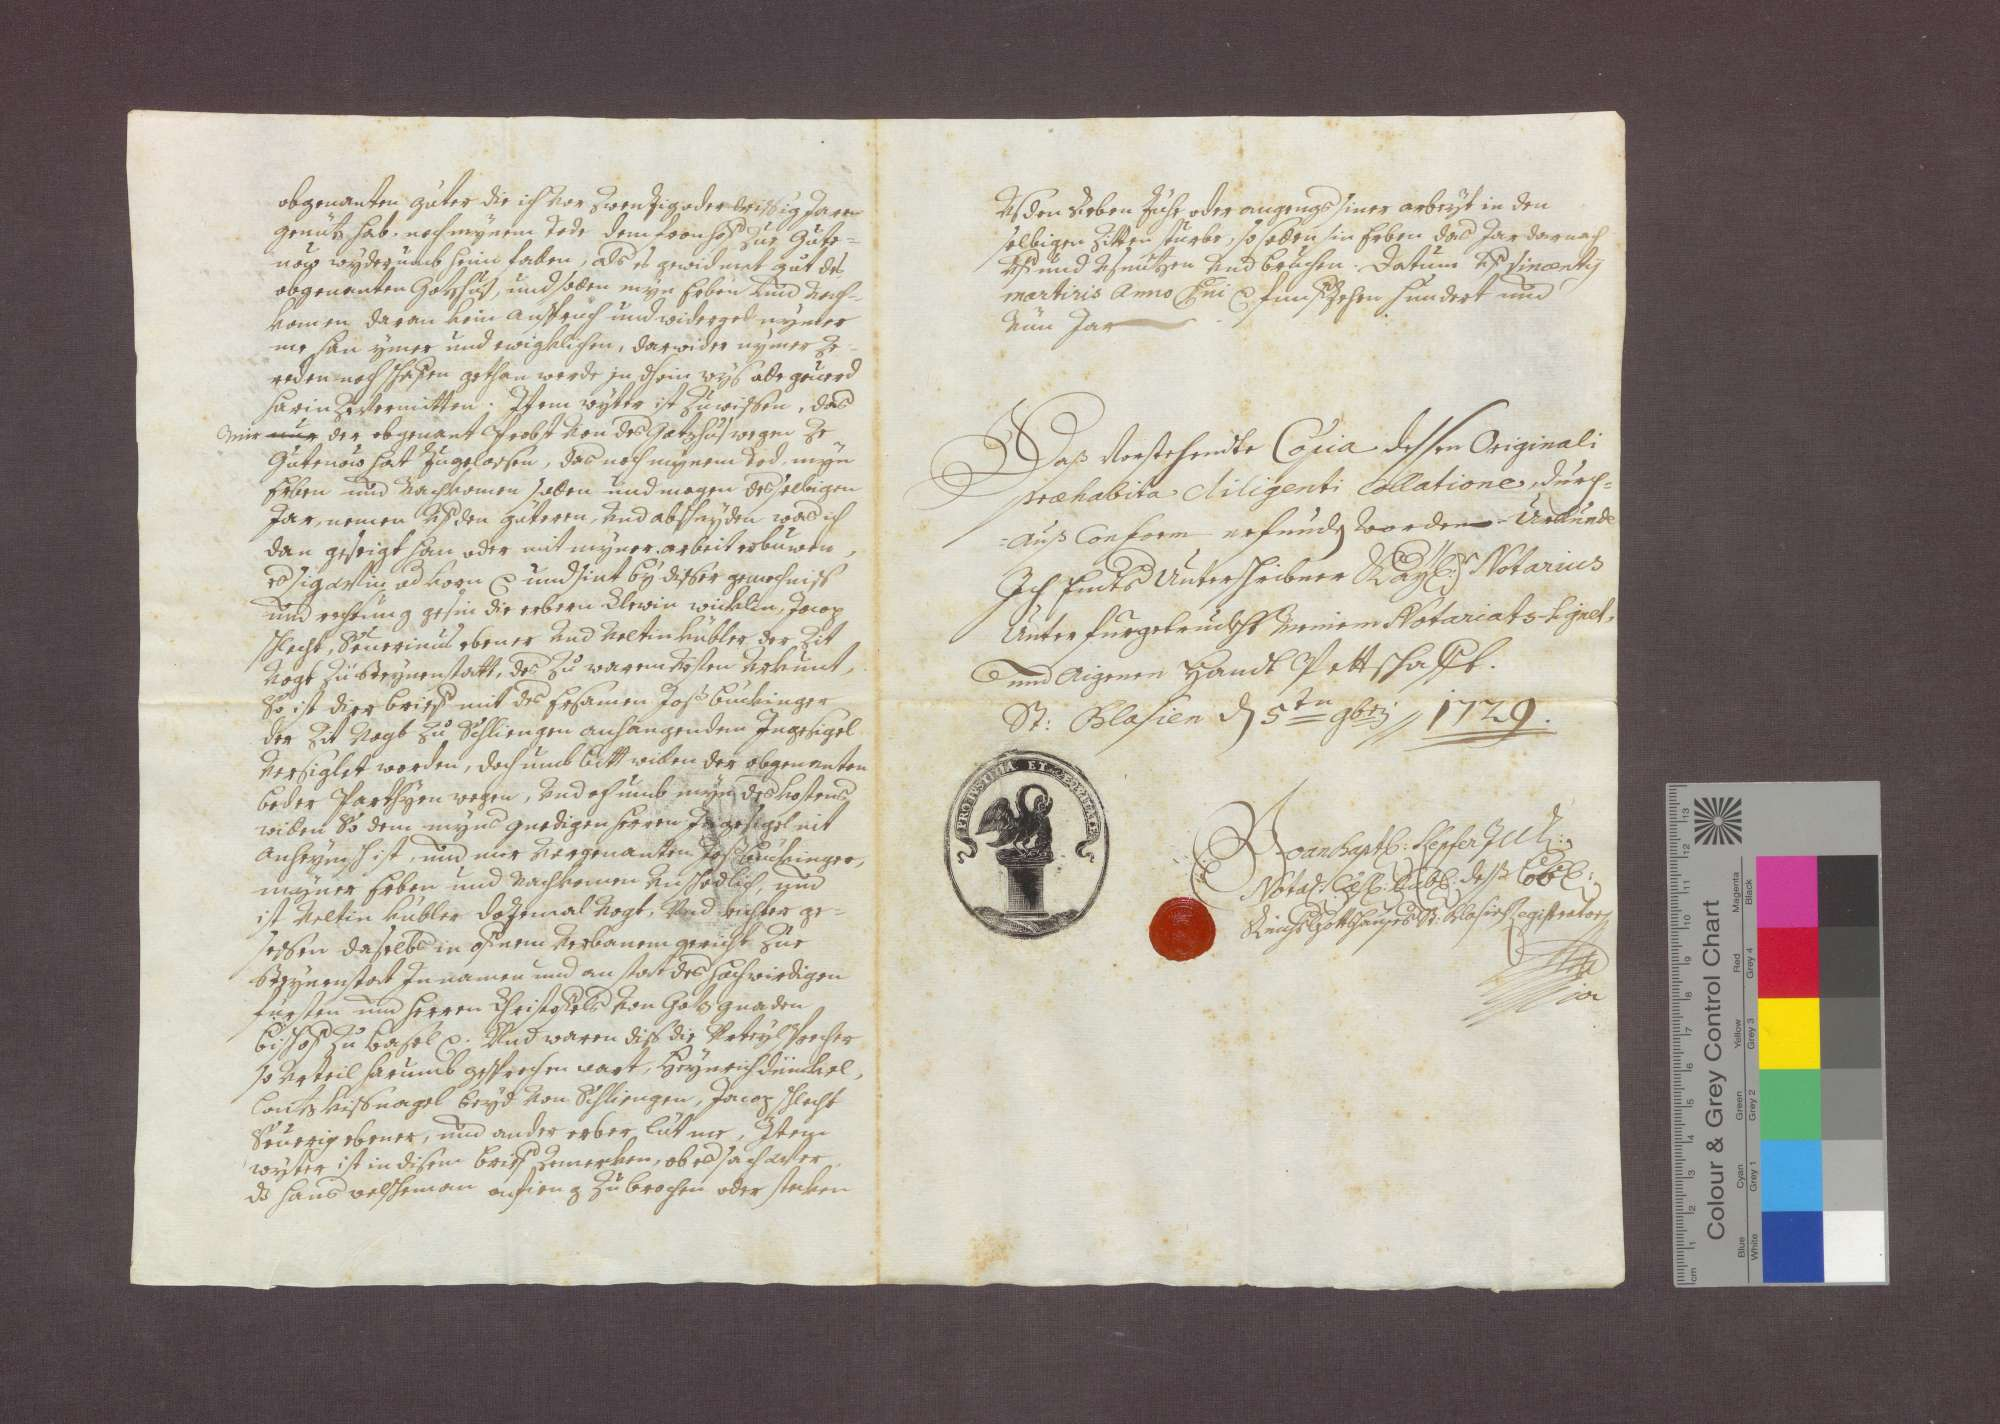 Hans Welchemann zu Steinenstadt bekennt, das Kloster Gutnau habe ihm Güter, die er seint langem genutzt hat und die Eigentum des Klosters sind, zu lebenslanger Nutznießung überlassen., Bild 2